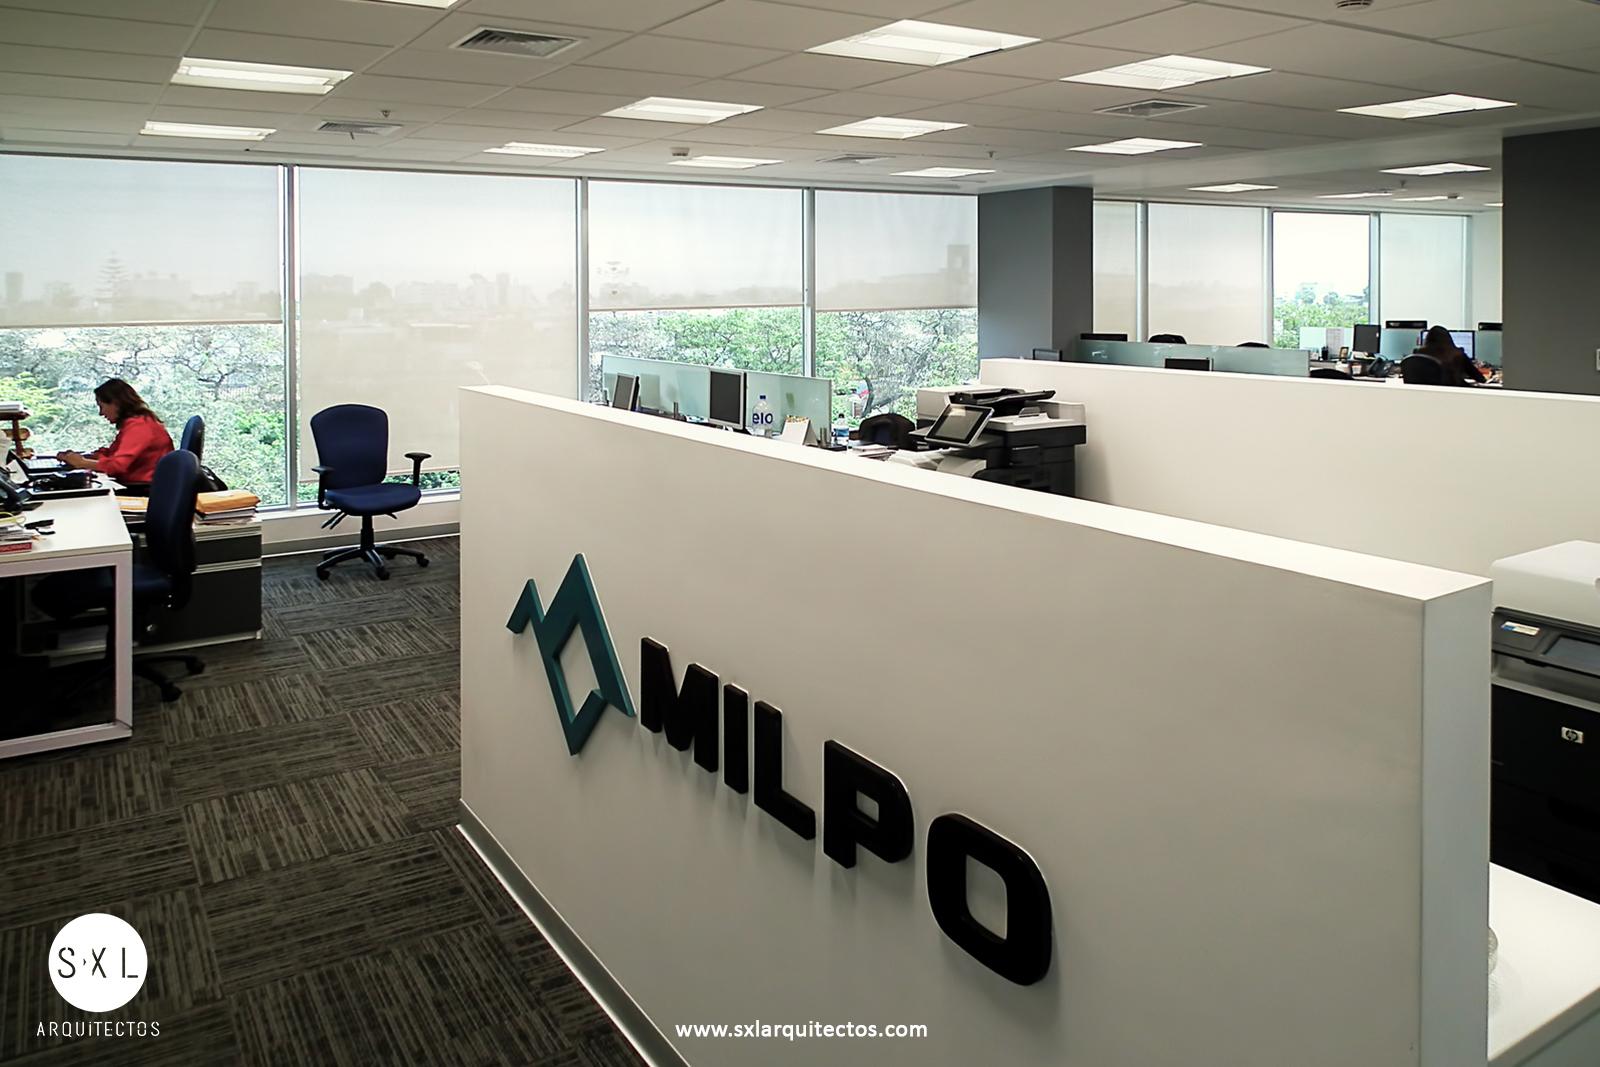 Dise o de oficinas milpo lima per s xl arquitectos for Diseno de oficinas